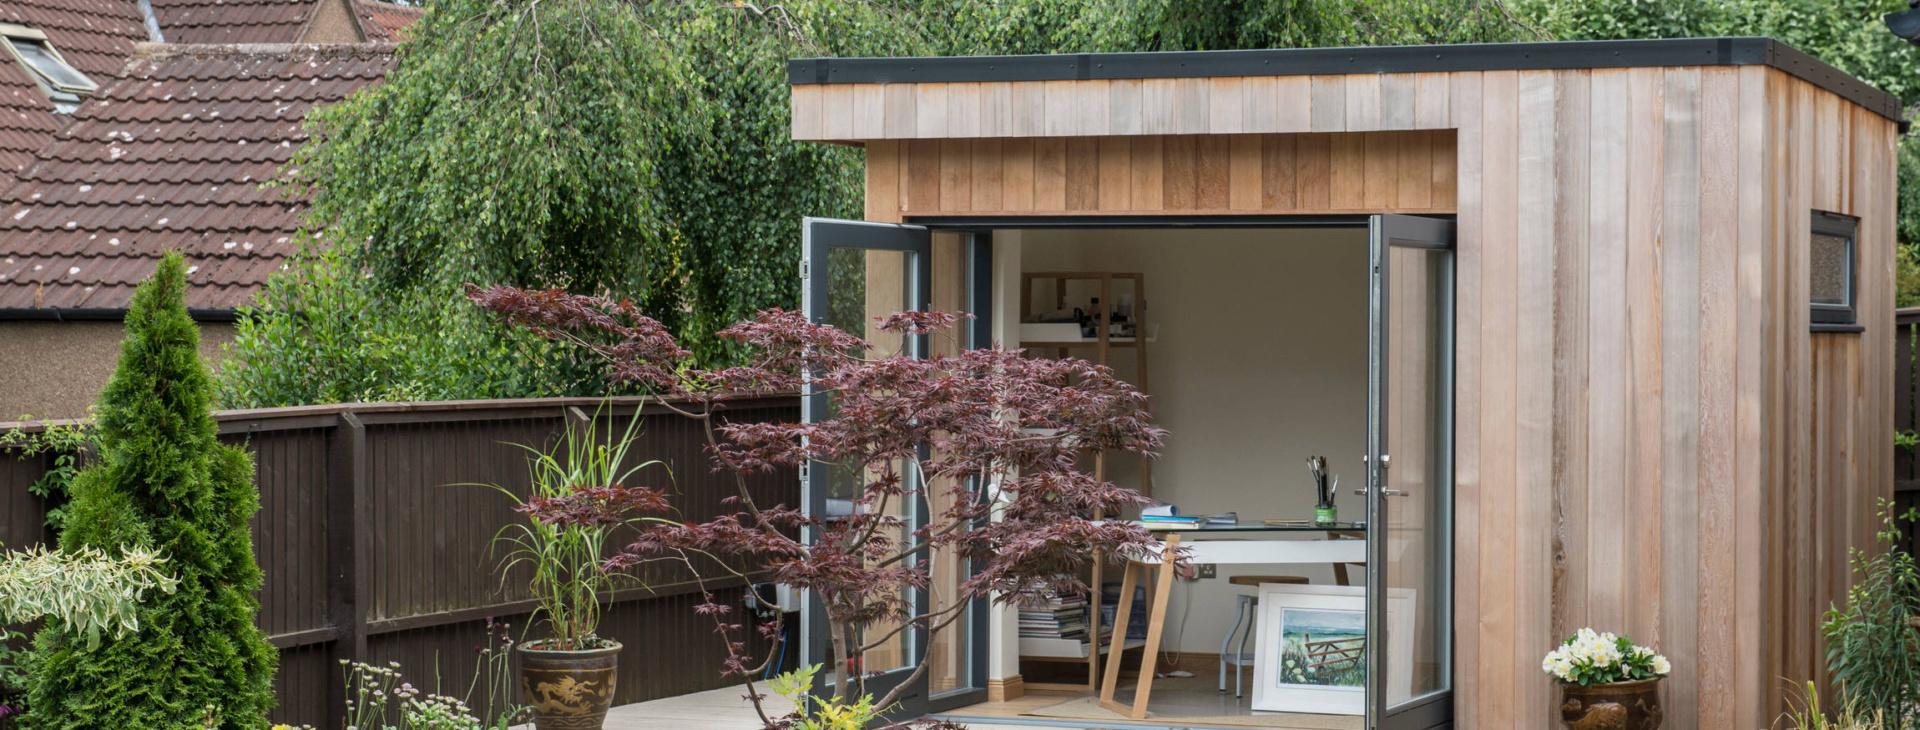 New Garden Rooms